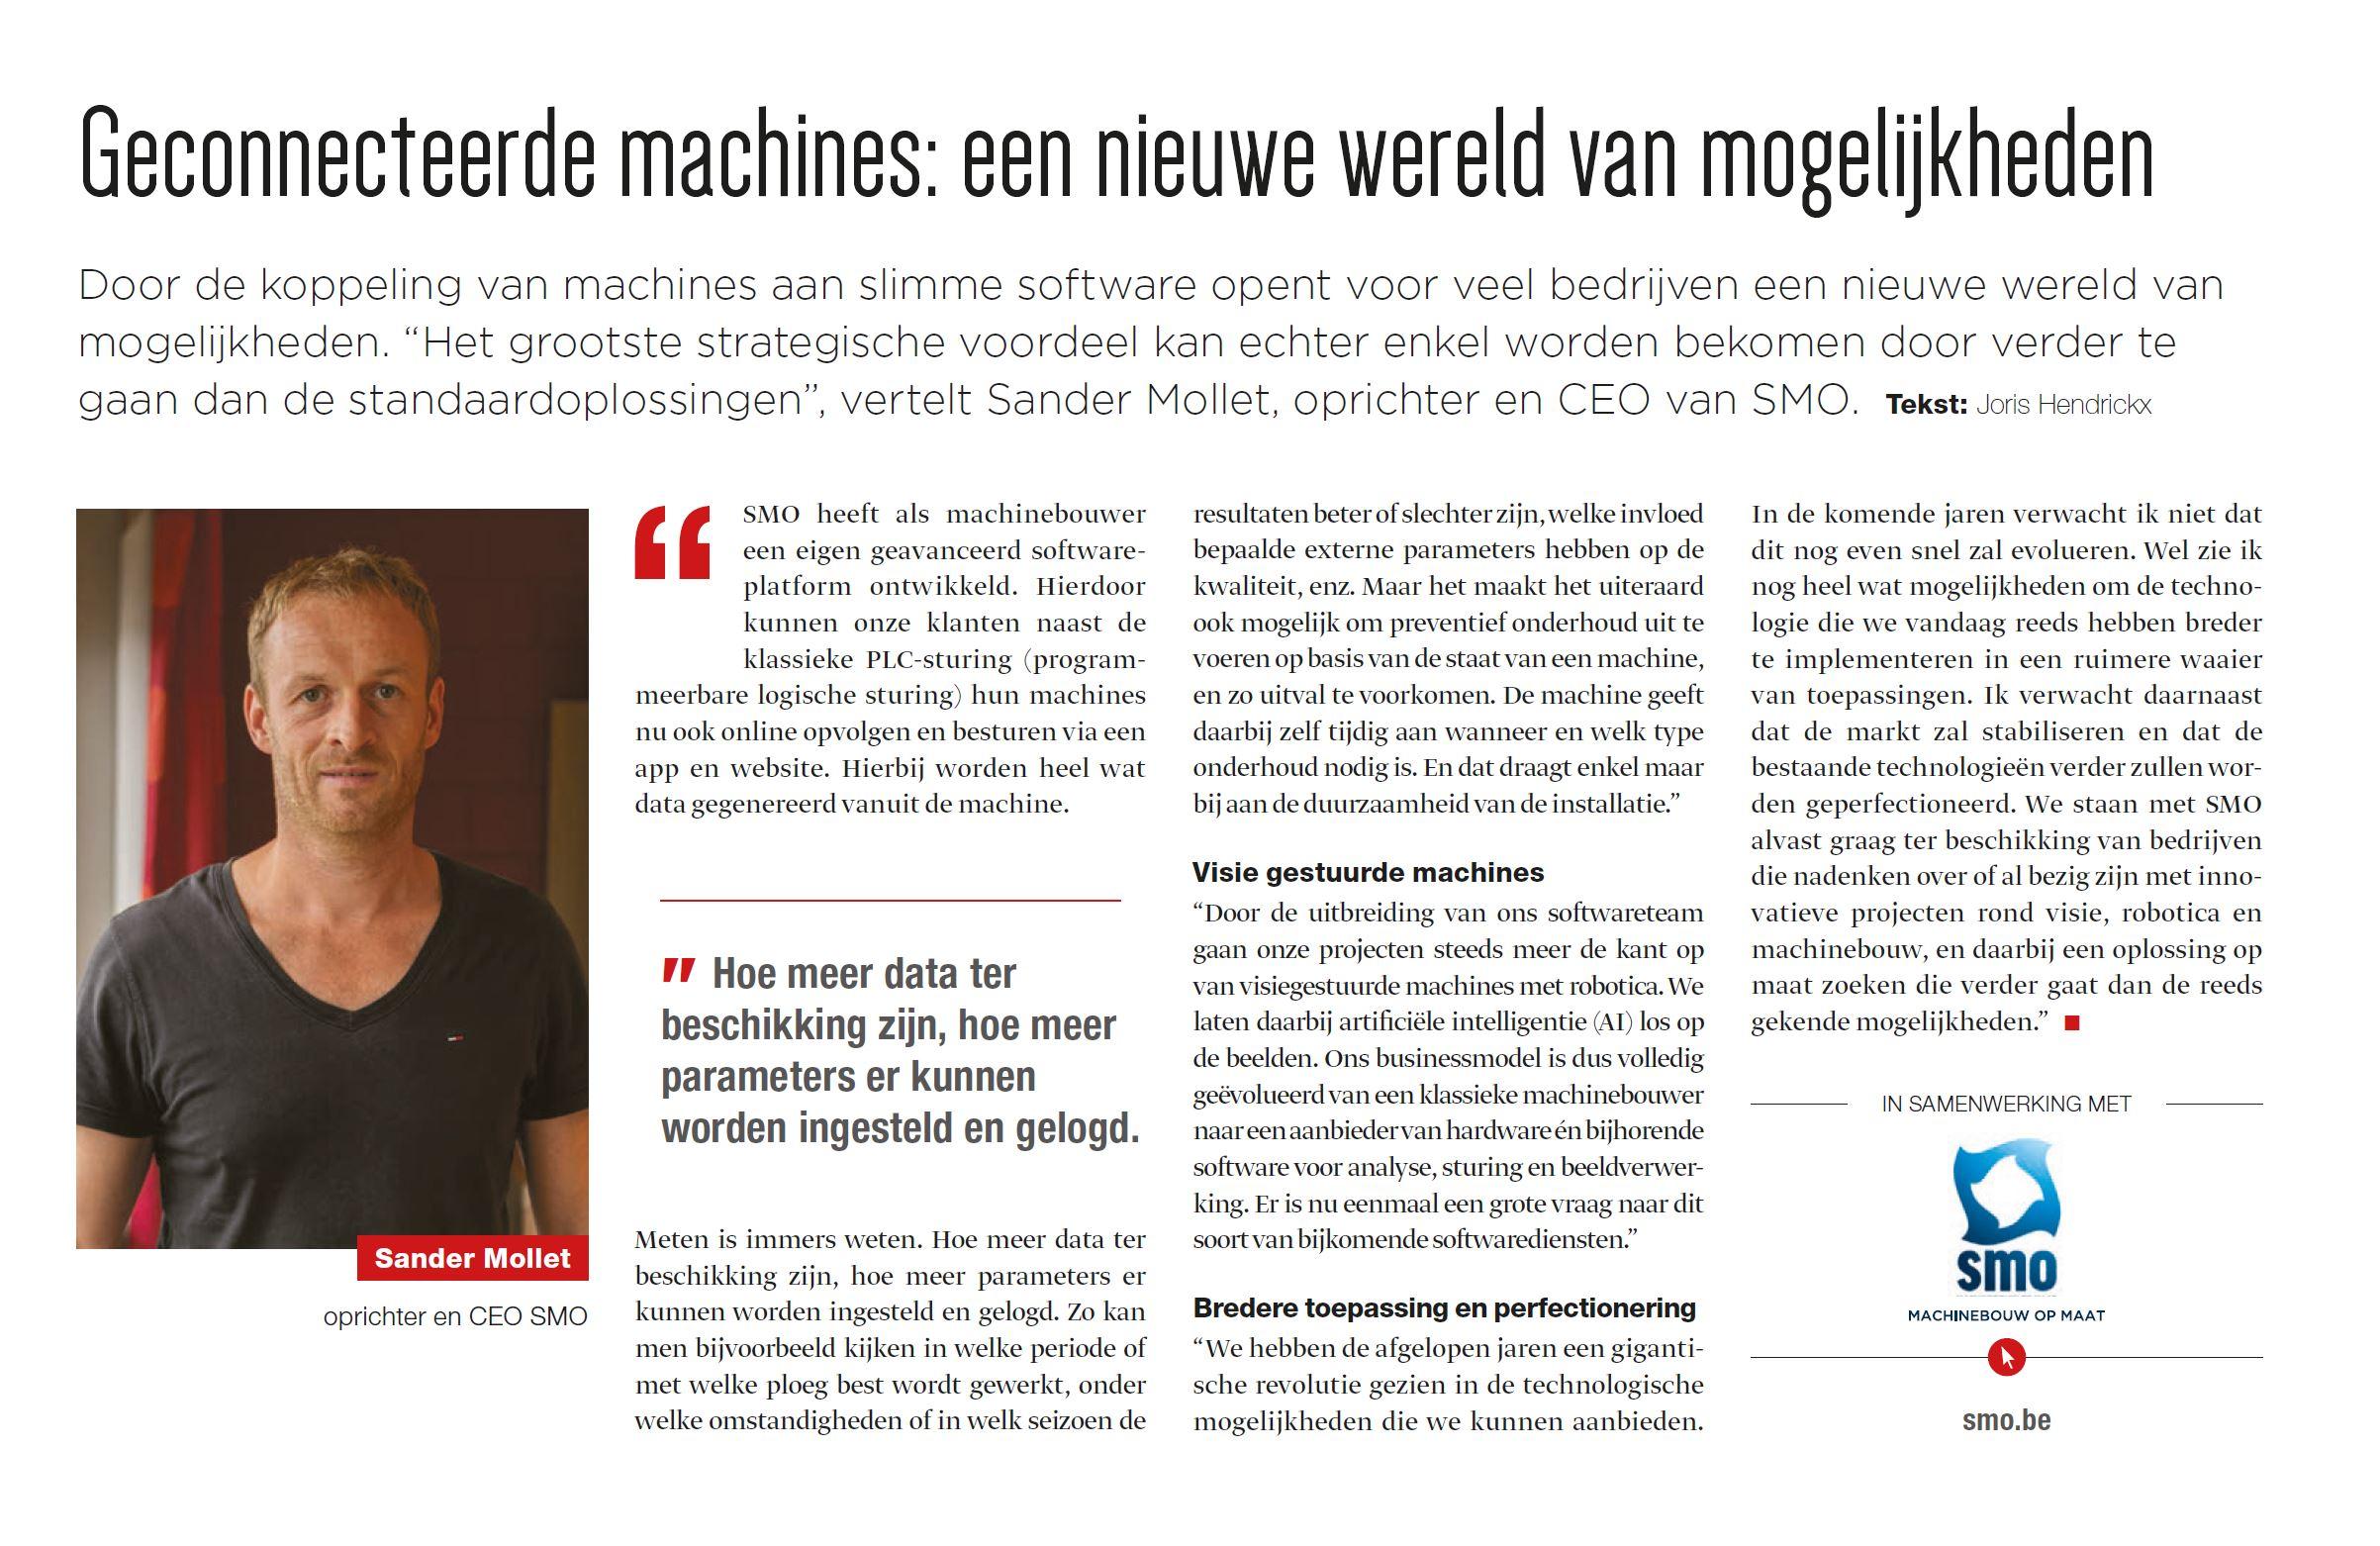 Geconnecteerde machines een nieuwe wereld van mogelijkheden-Industry4-Trends-2020